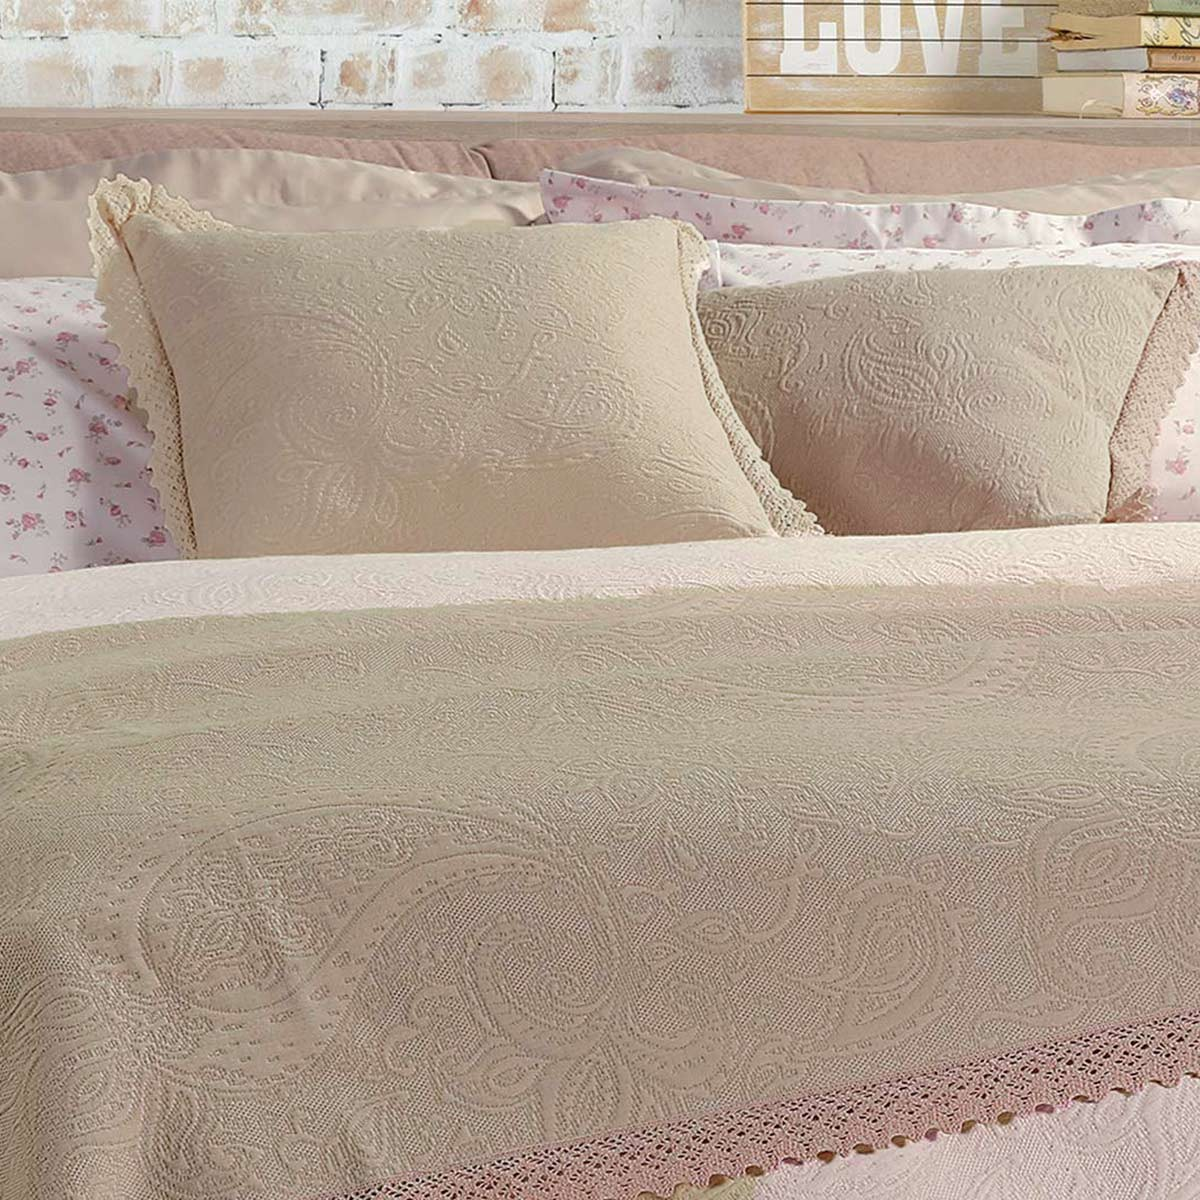 Διακοσμητικό Μαξιλάρι Nef-Nef Abigail Beige home   κρεβατοκάμαρα   διακοσμητικά μαξιλάρια